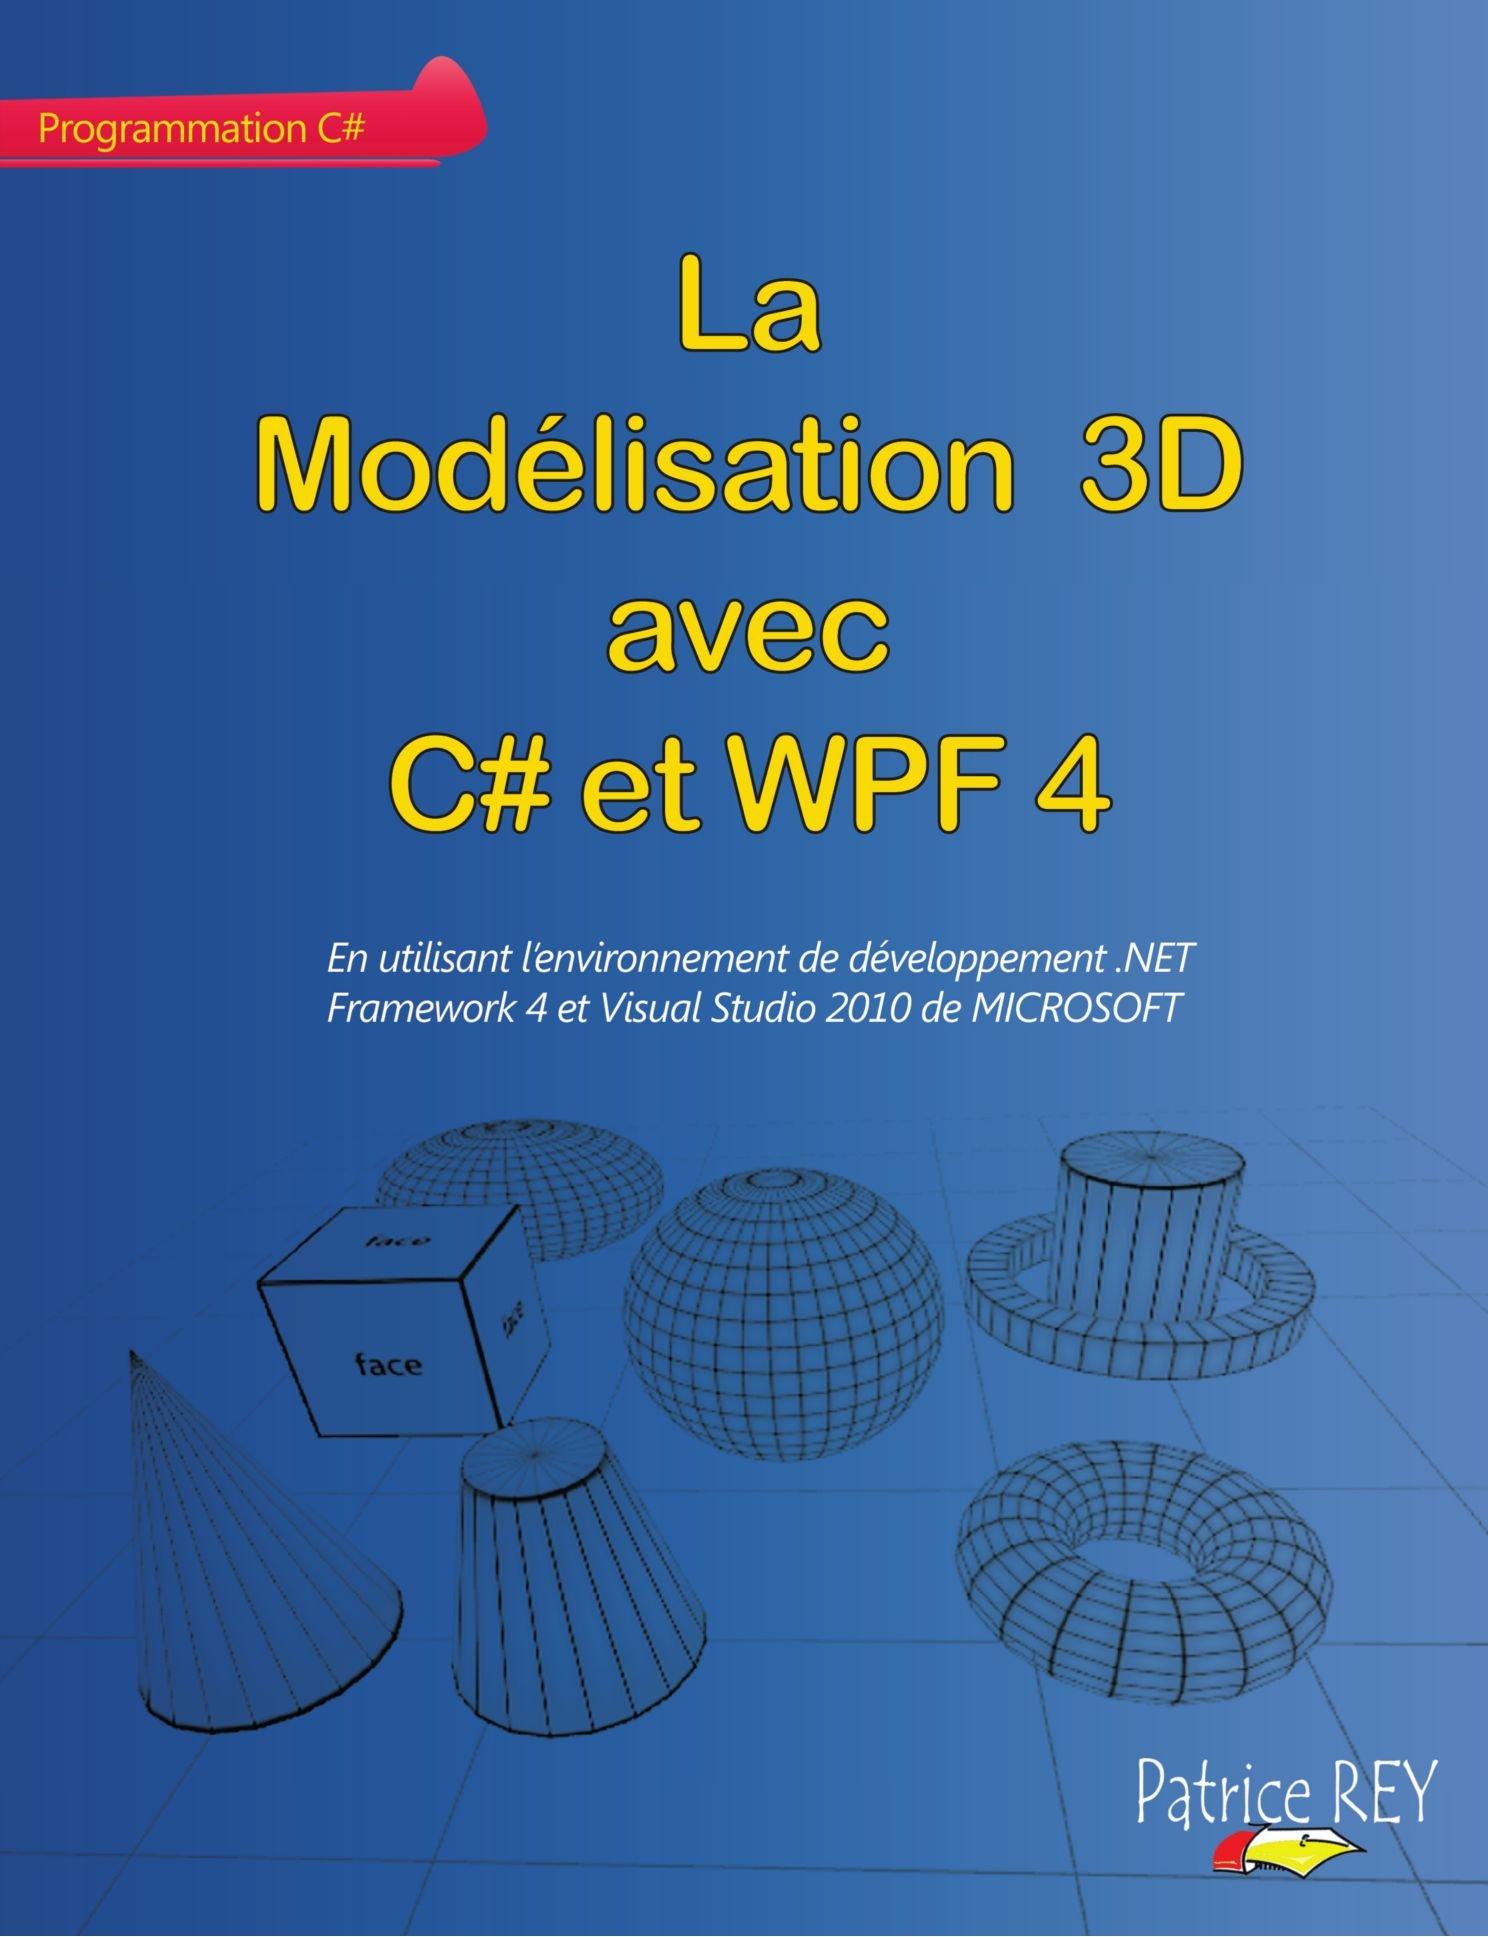 La Modèlisation 3D Avec C# Et Wpf 4 (French Edition) PDF